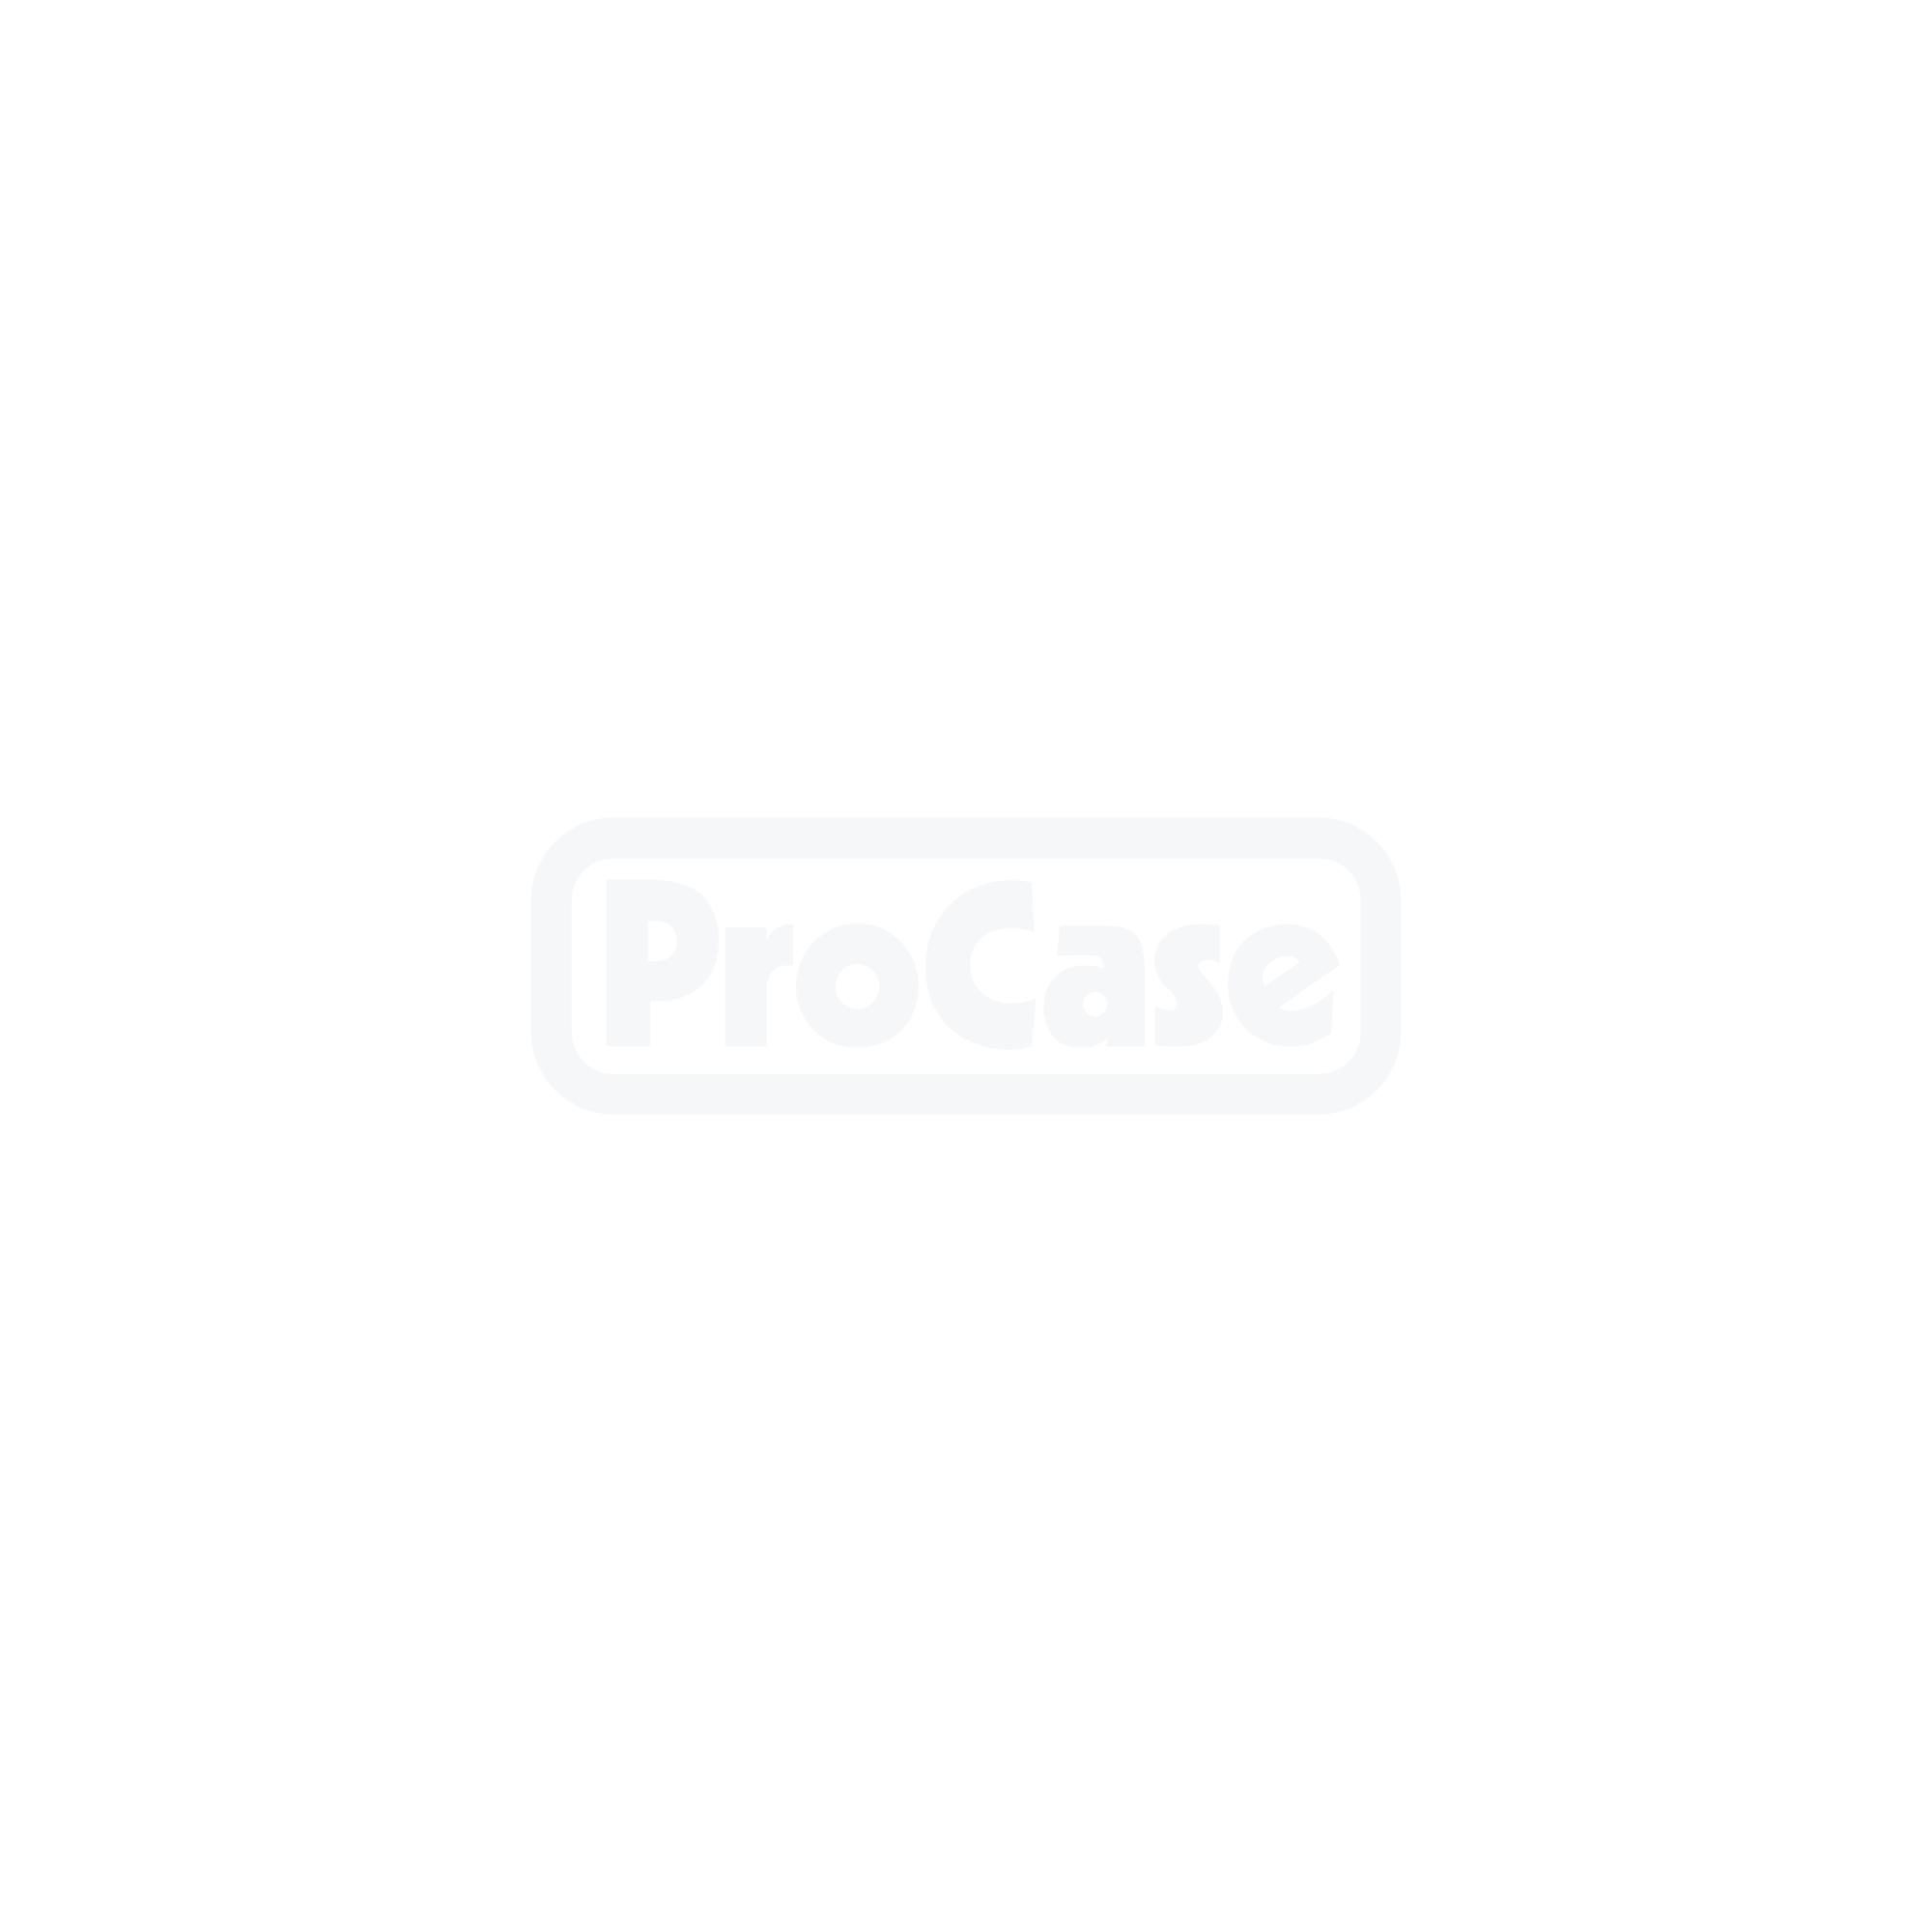 Schaumeinlage für Sennheiser EW300 IEM G3 für 2 HE Schublade